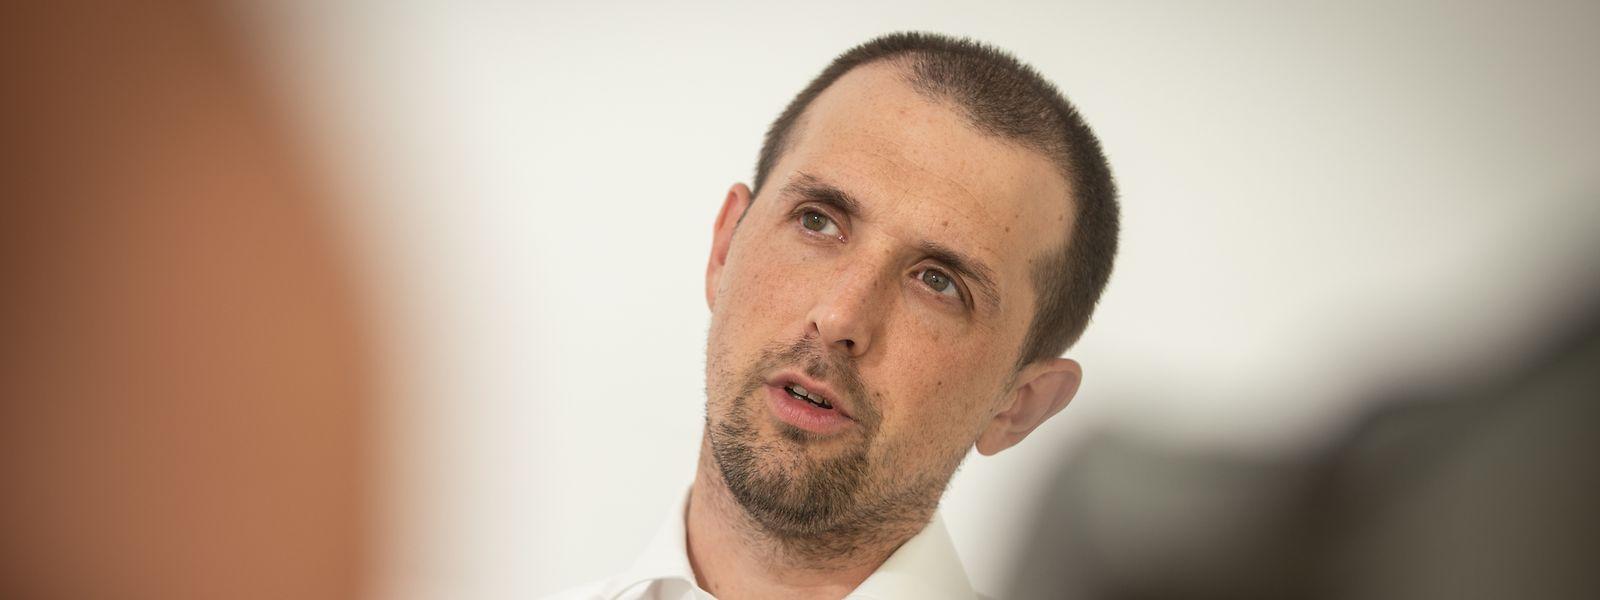 Pour Tom Baumert, le principal reste que l'entrepreneuriat fasse de plus en plus partie des choix de carrière au Luxembourg. Crise ou non.